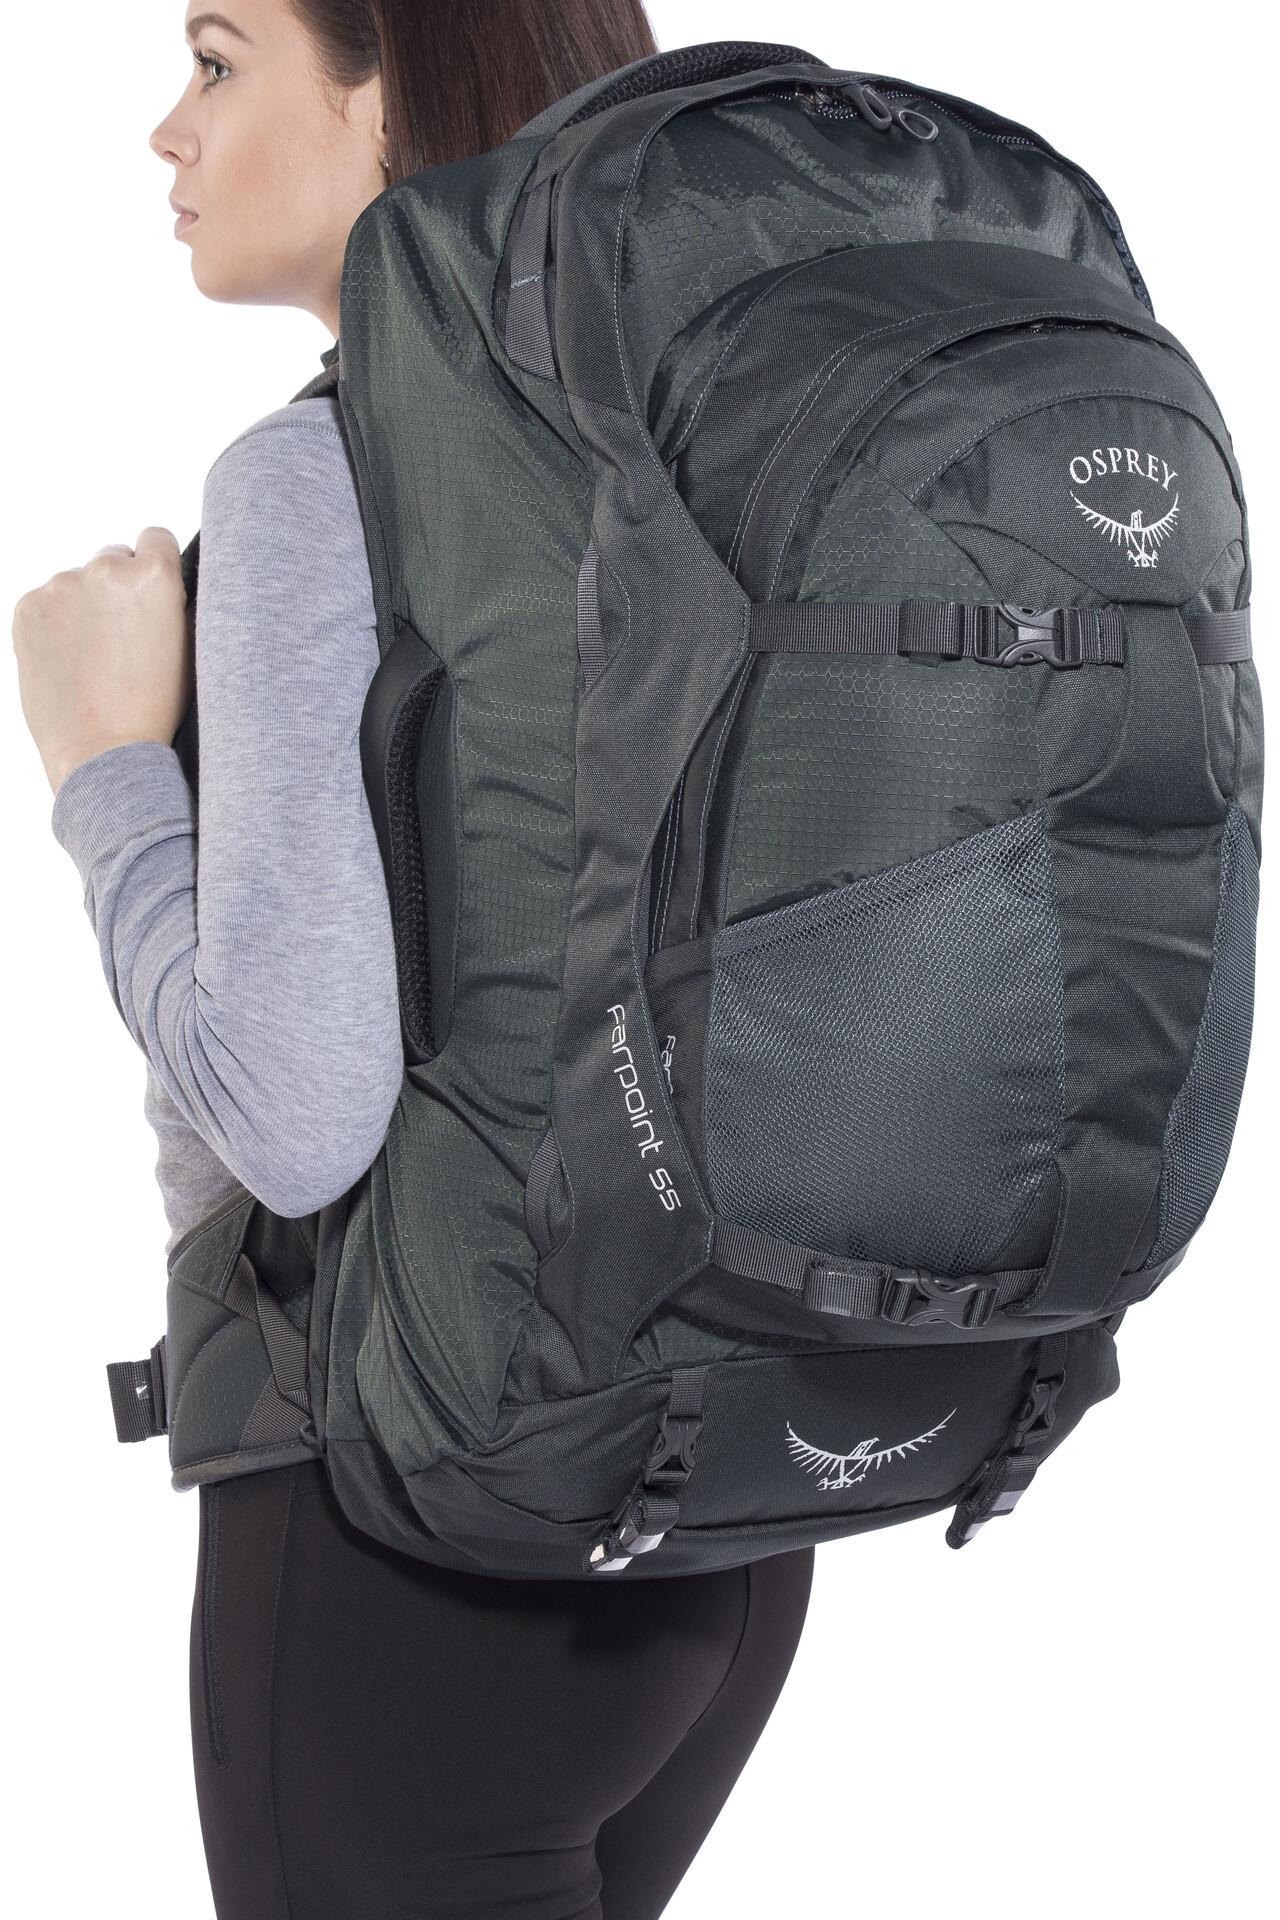 Osprey Farpoint 55 Travel Luggage S/M grey